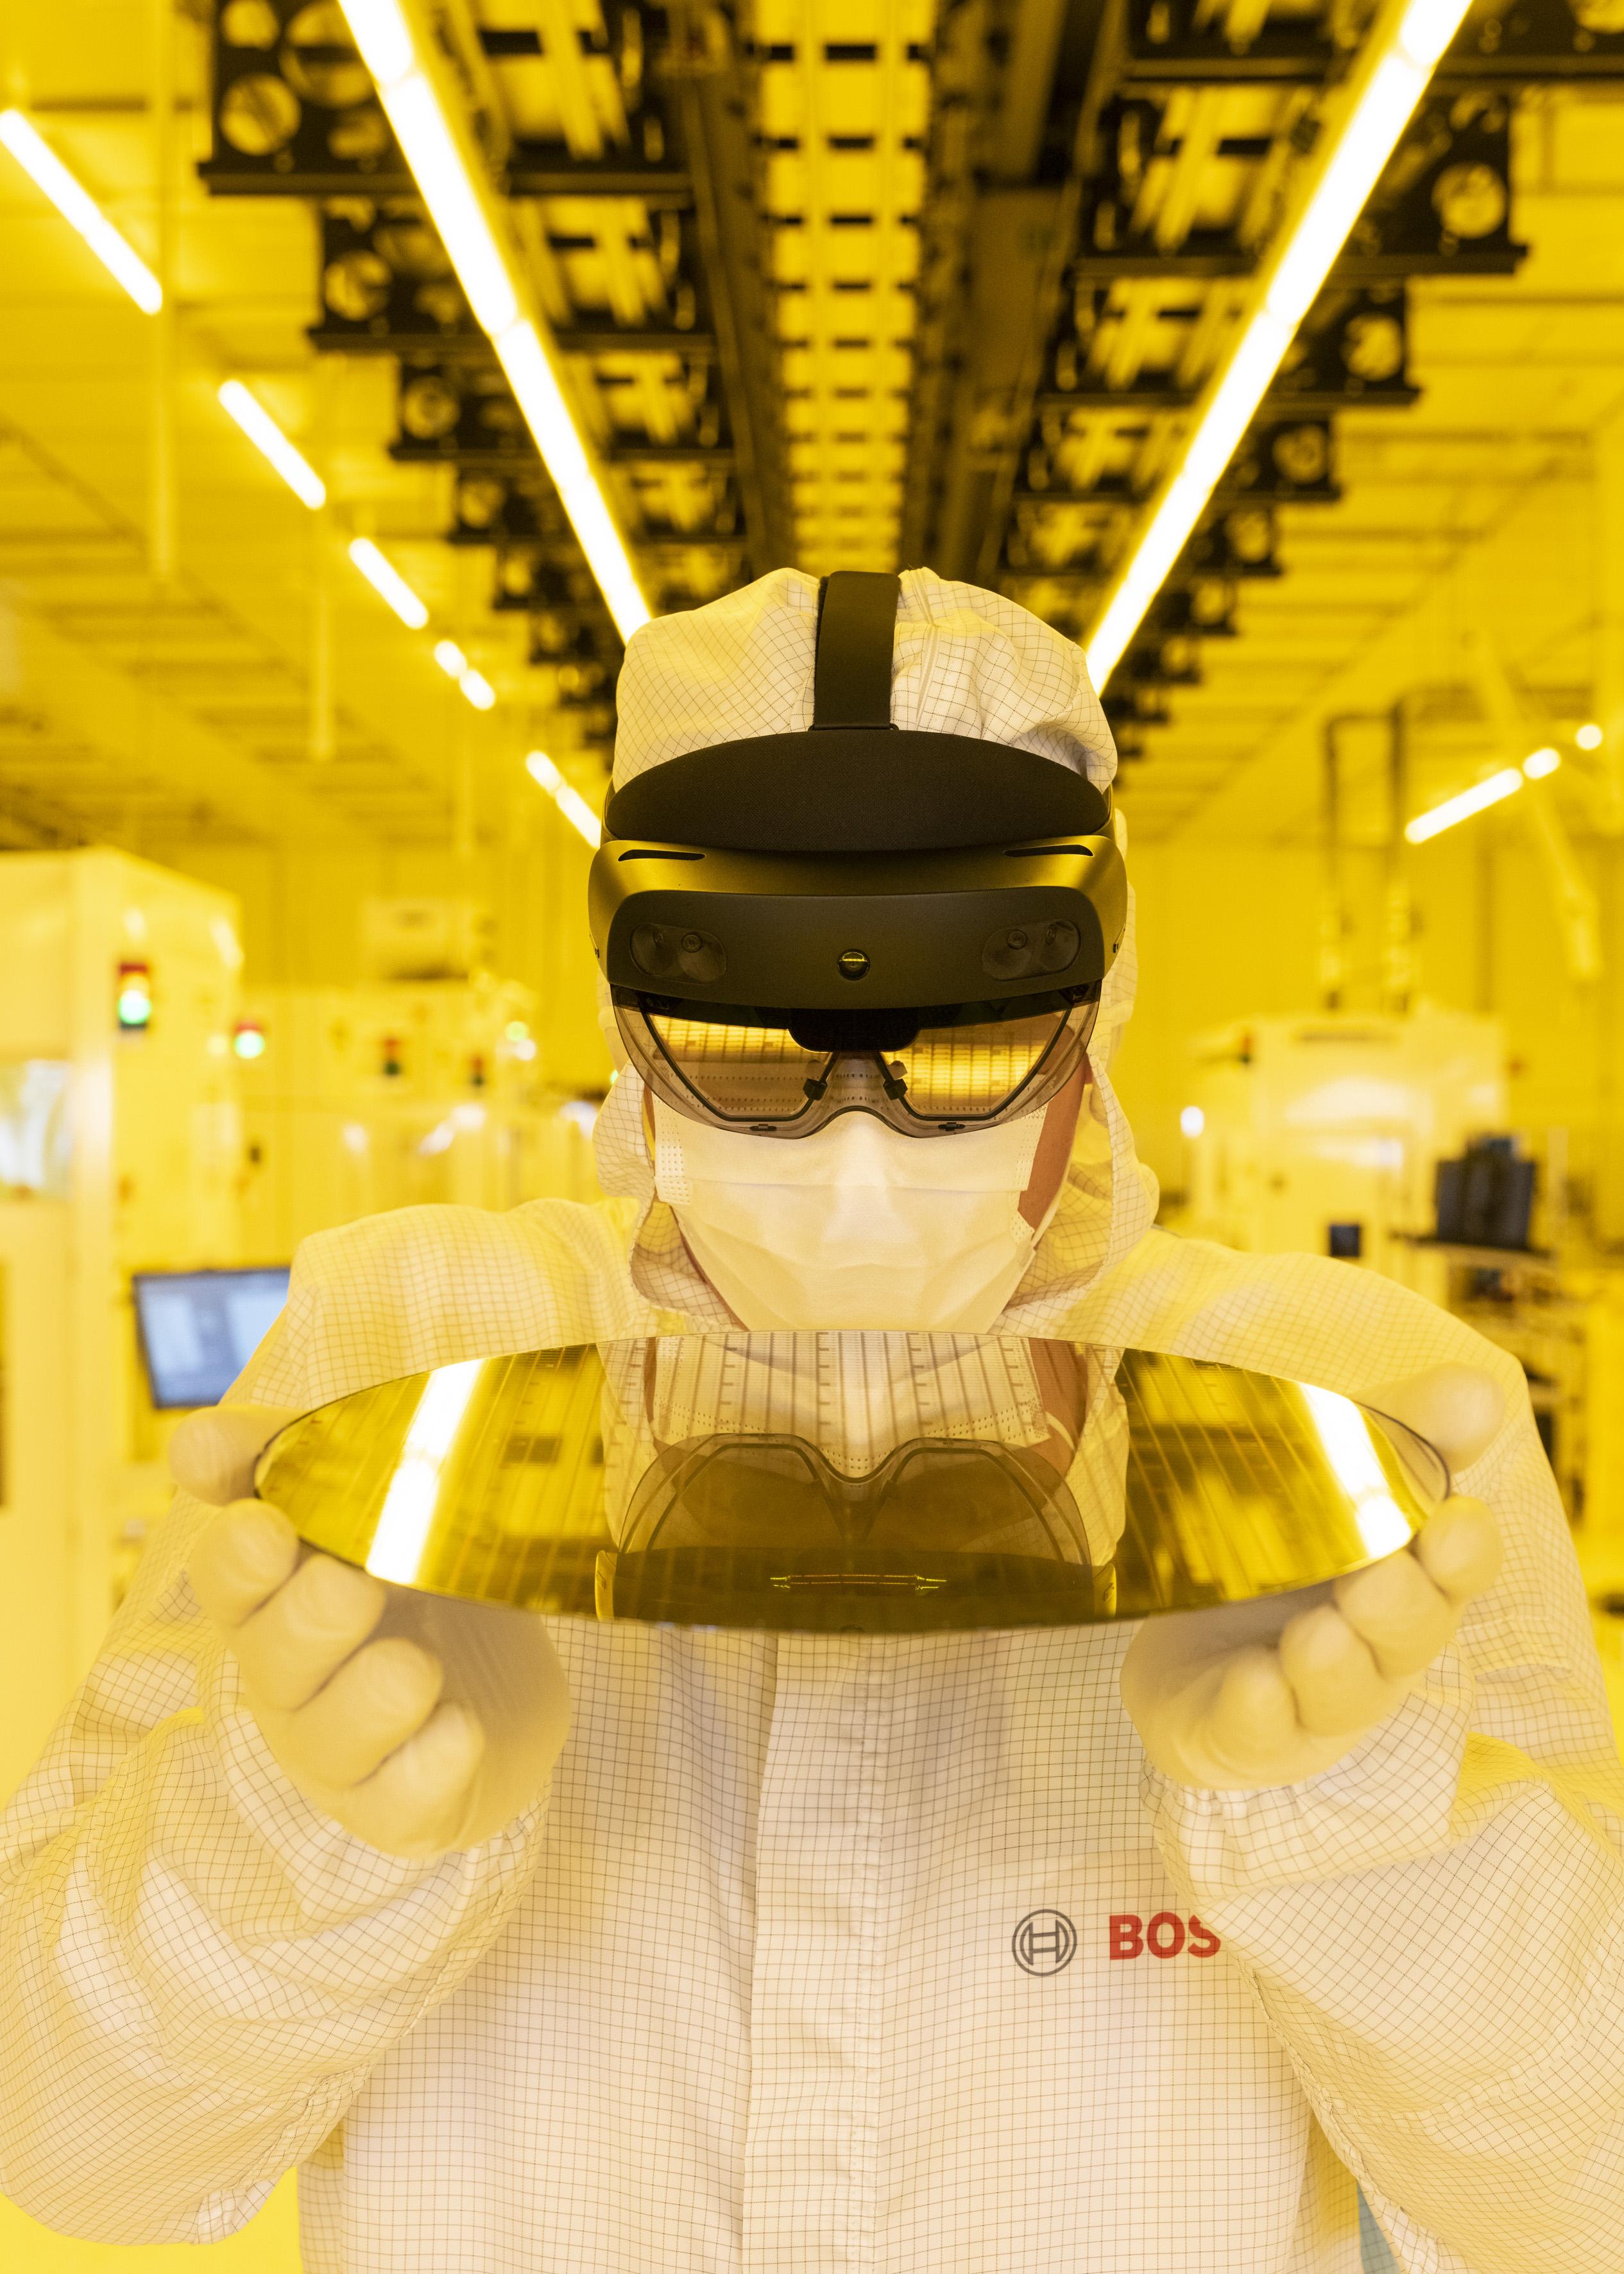 Stroje, ktoré premýšľajú, údržba zo vzdialenosti 9 000 kilometrov, okuliare so vstavanými kamerami: V Drážďanoch sa teraz nachádza jeden z najmodernejších závodov na výrobu polovodičov na svete.